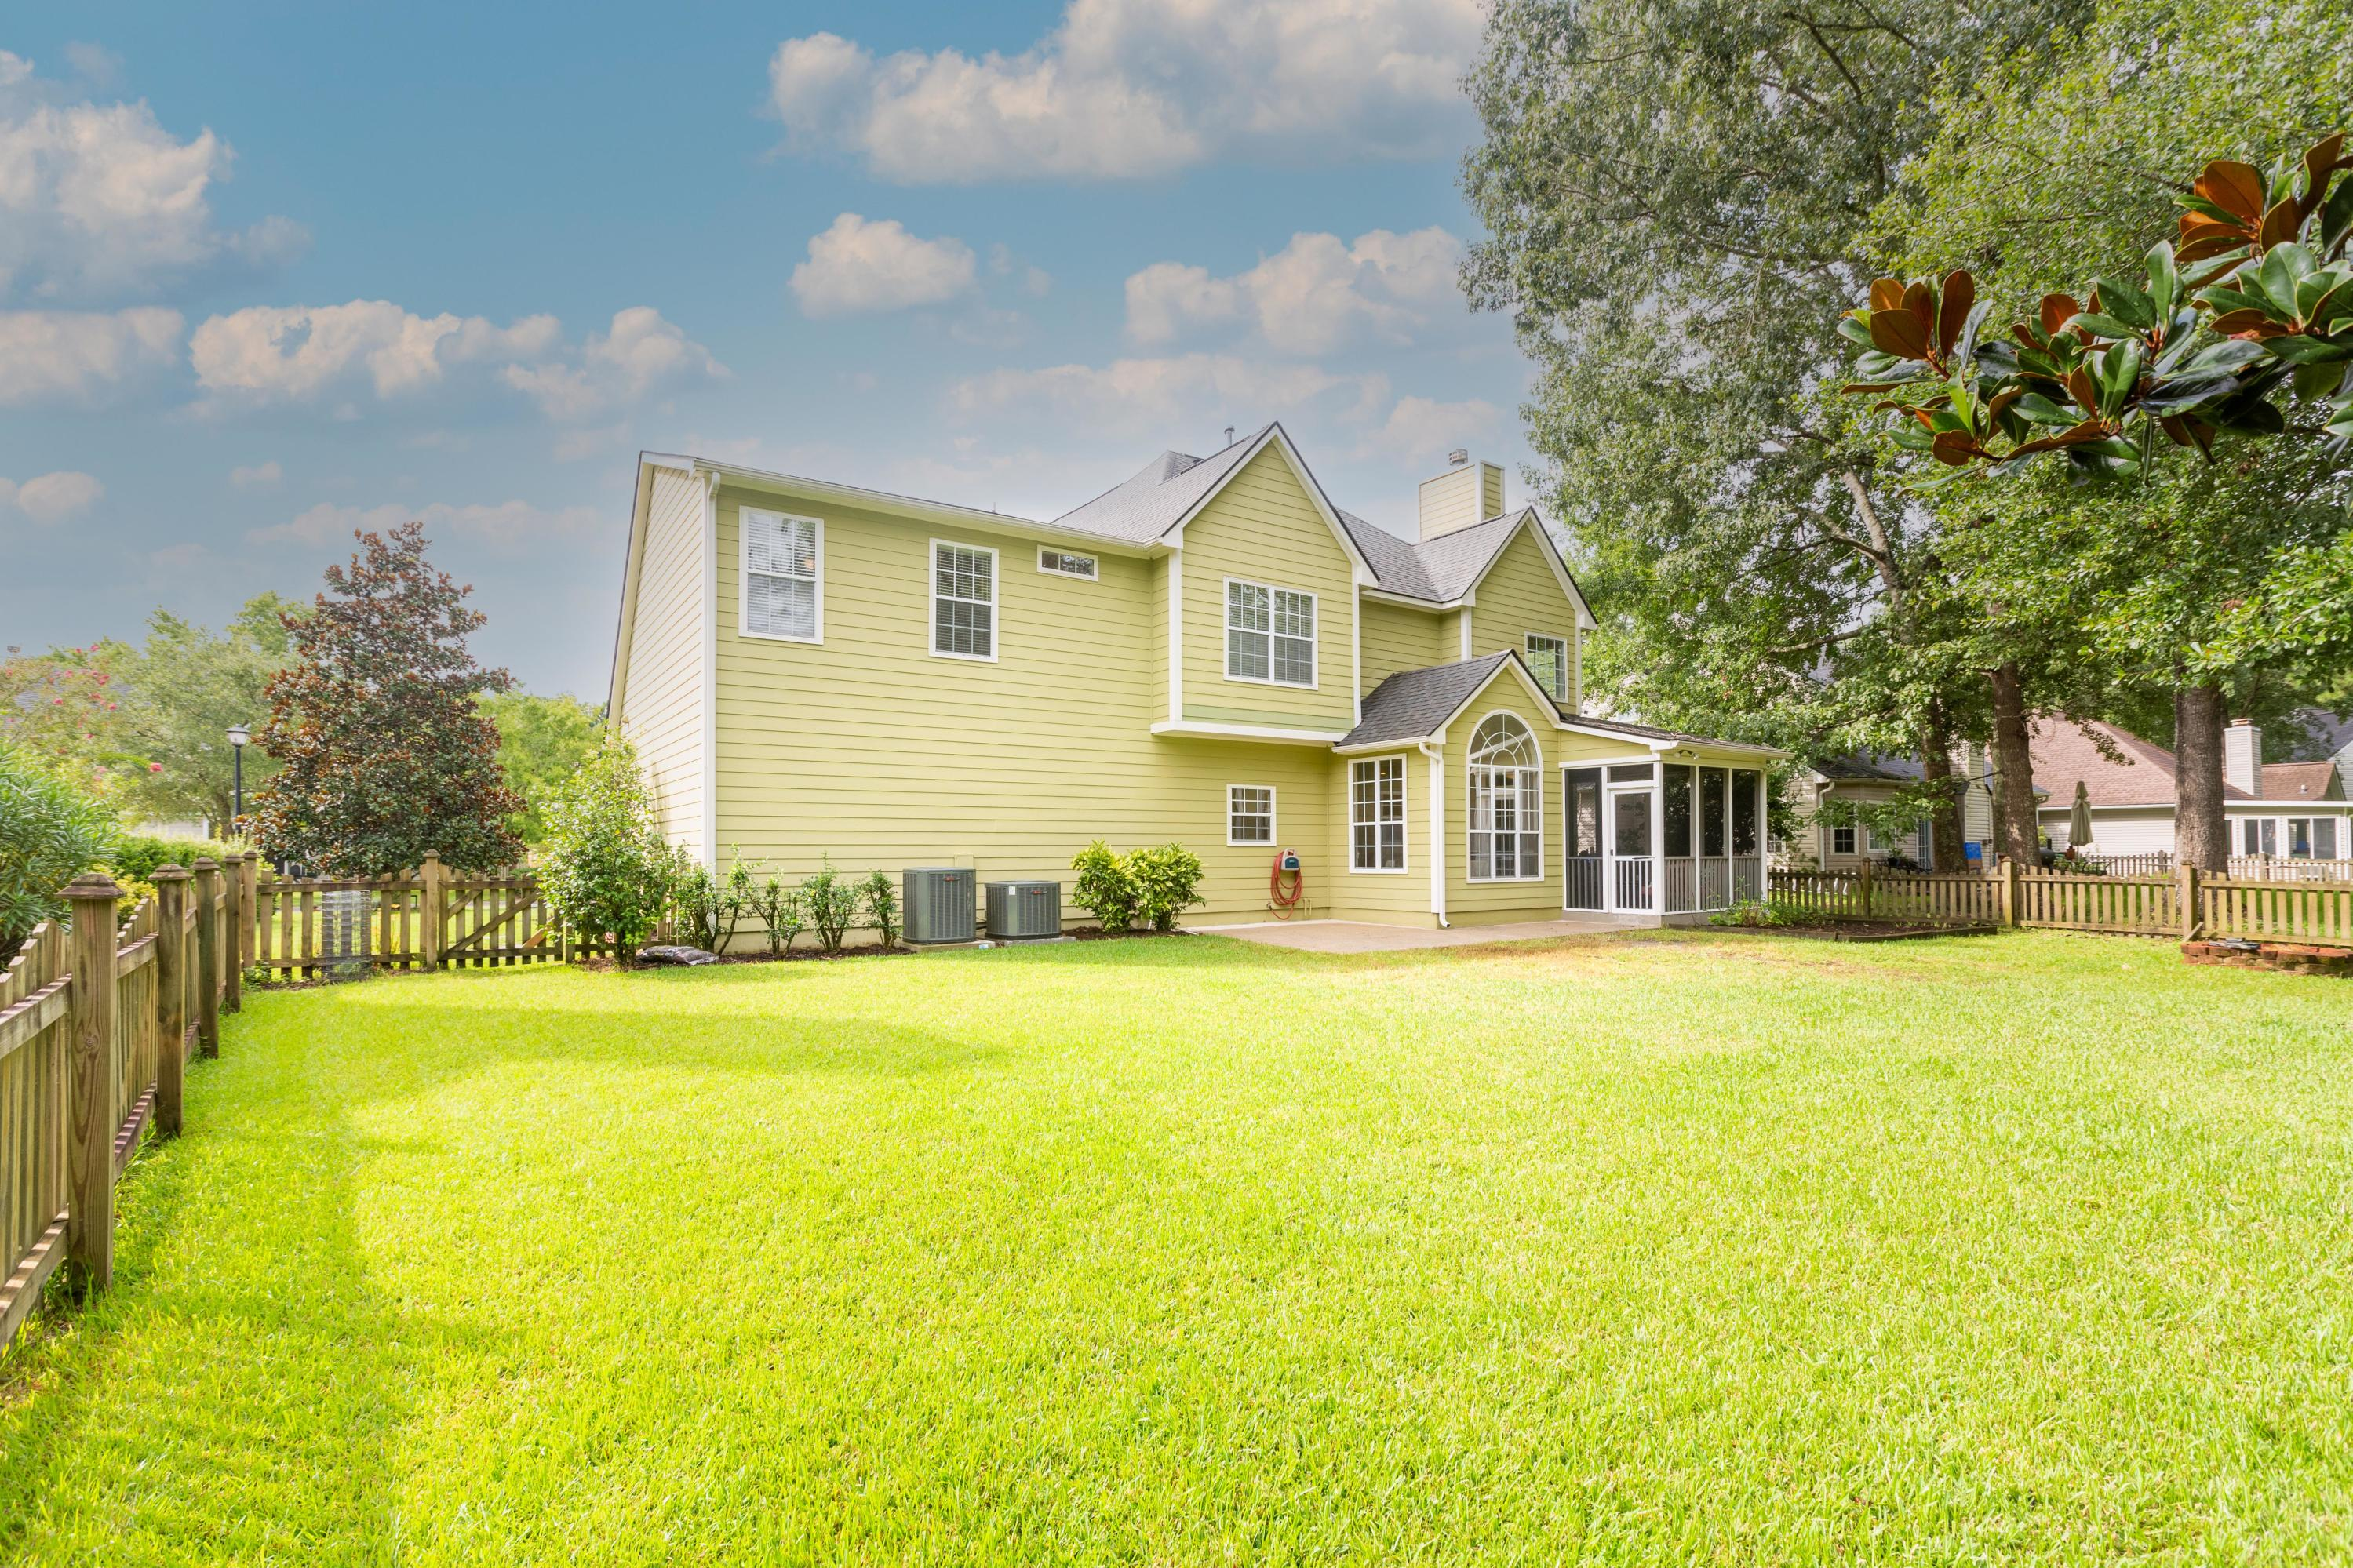 Dunes West Homes For Sale - 1015 Black Rush, Mount Pleasant, SC - 33